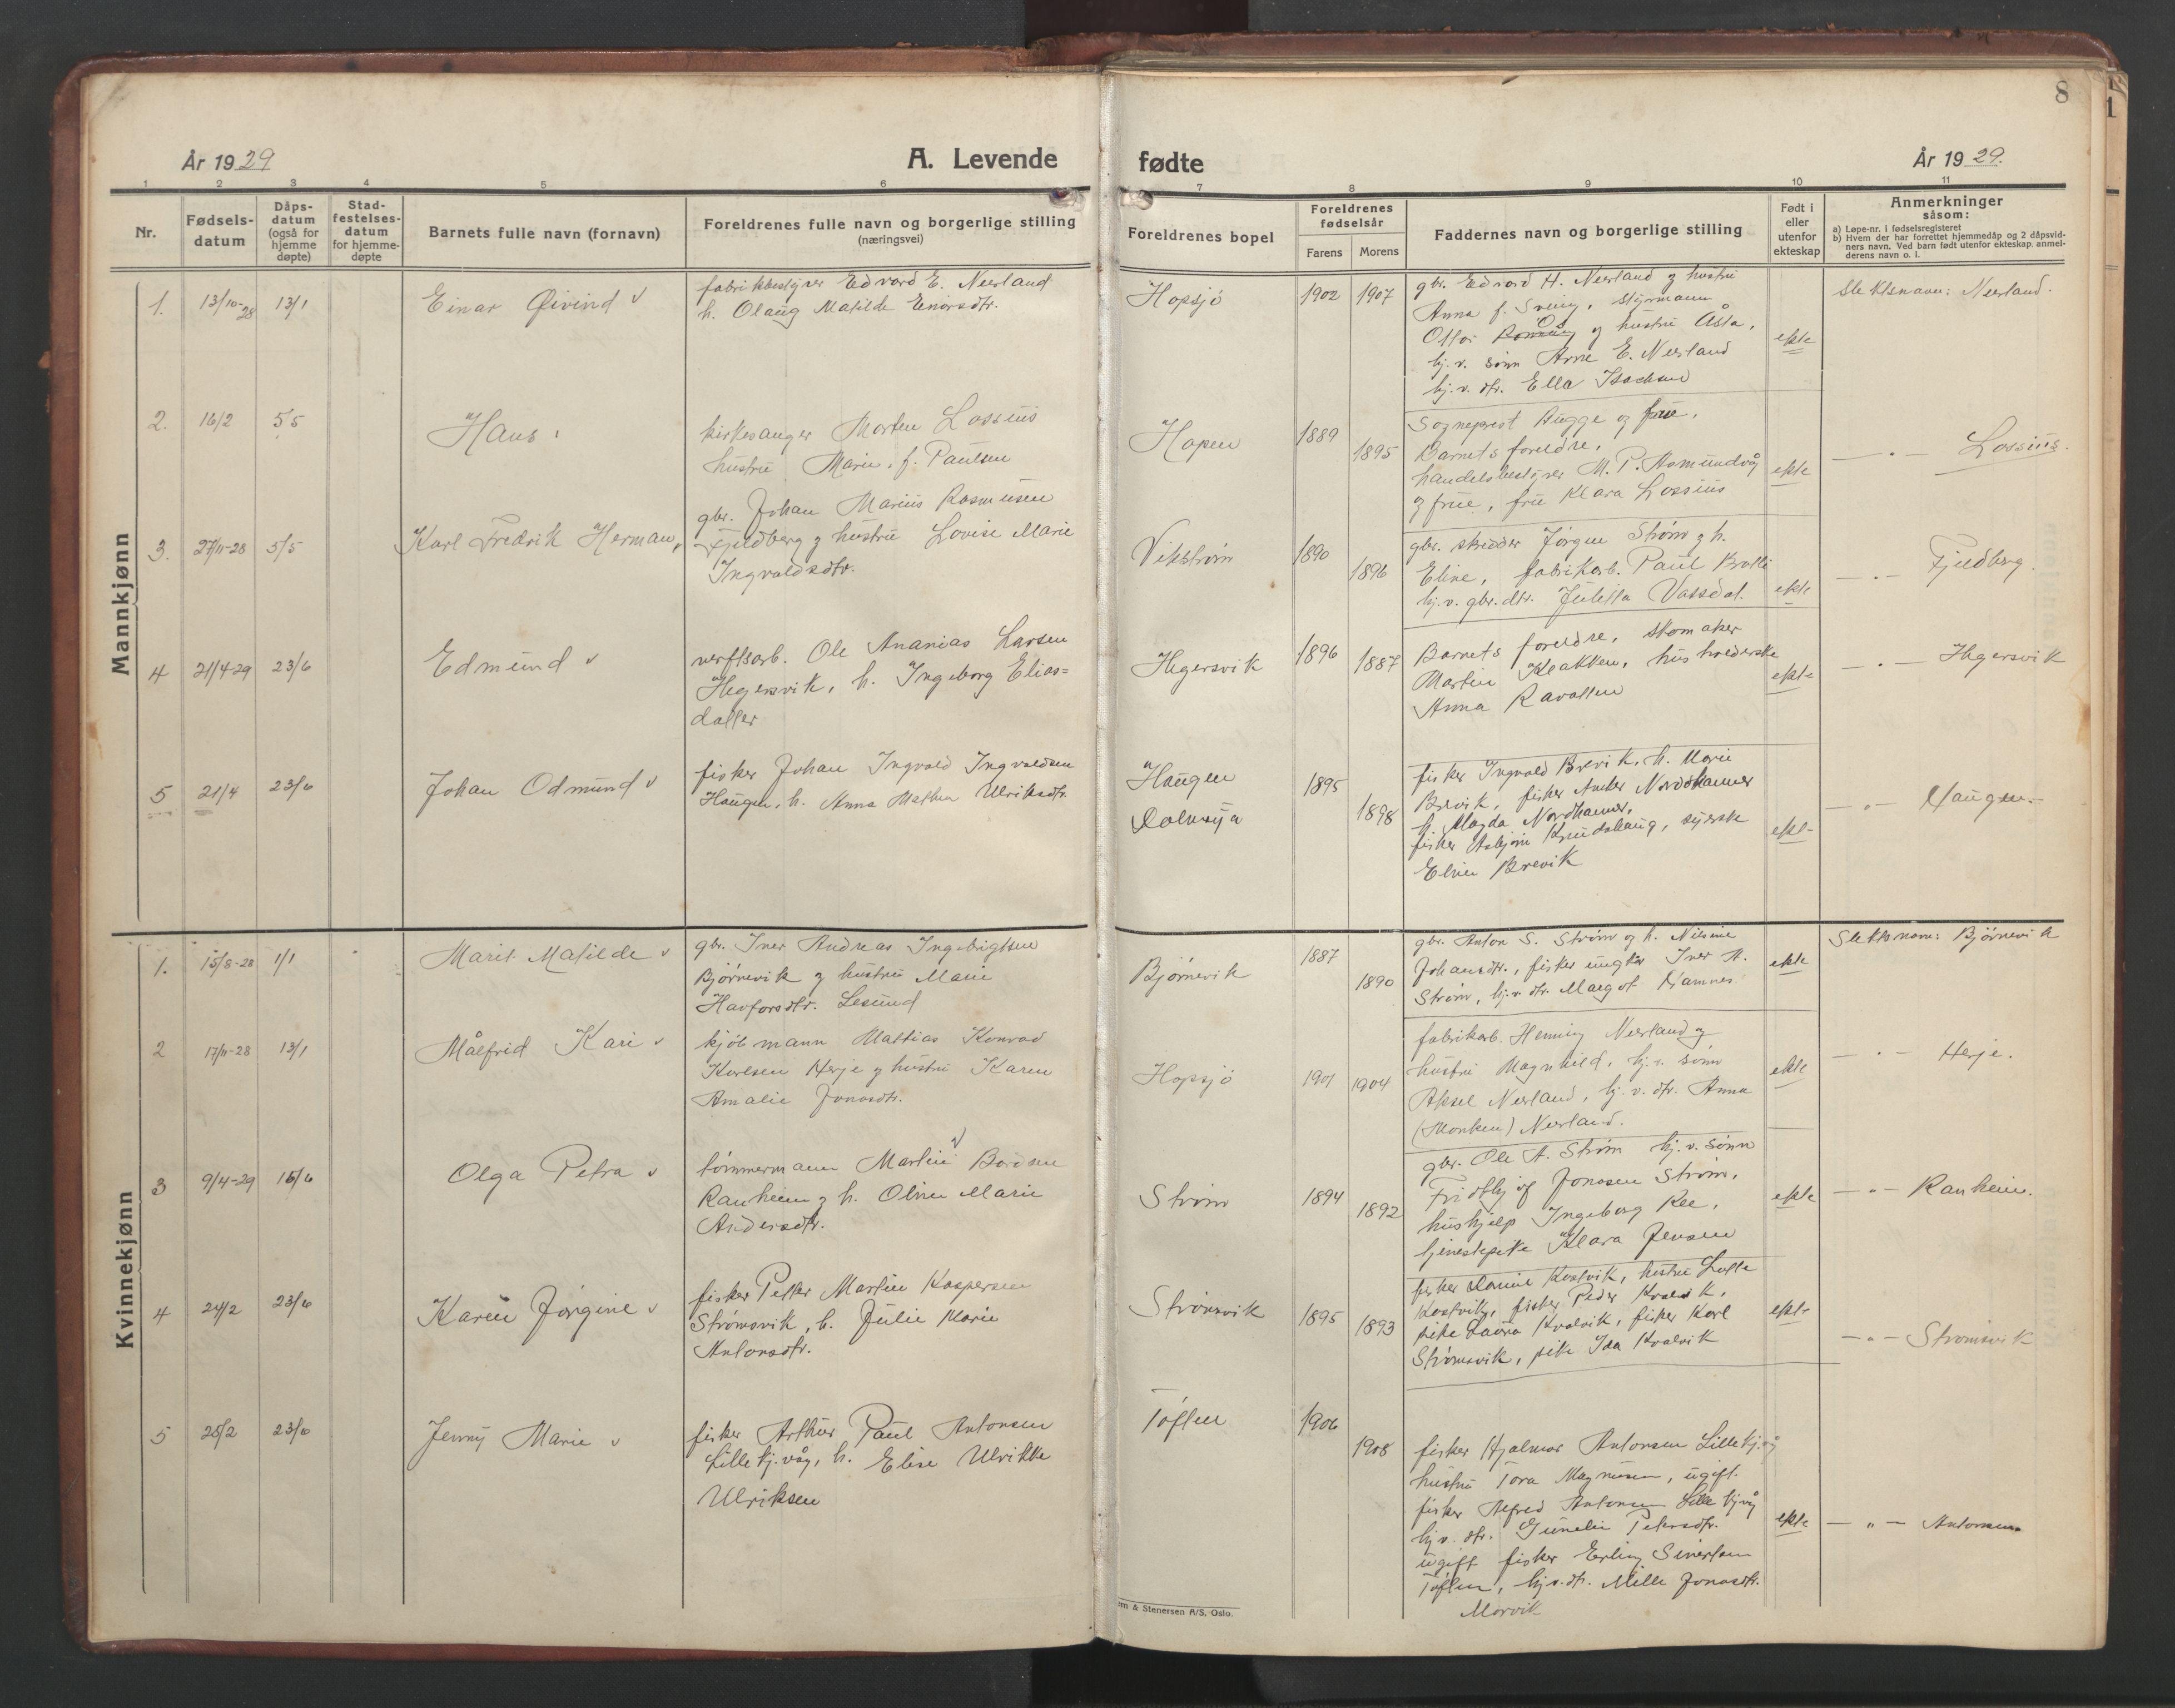 SAT, Ministerialprotokoller, klokkerbøker og fødselsregistre - Sør-Trøndelag, 634/L0544: Klokkerbok nr. 634C06, 1927-1948, s. 8